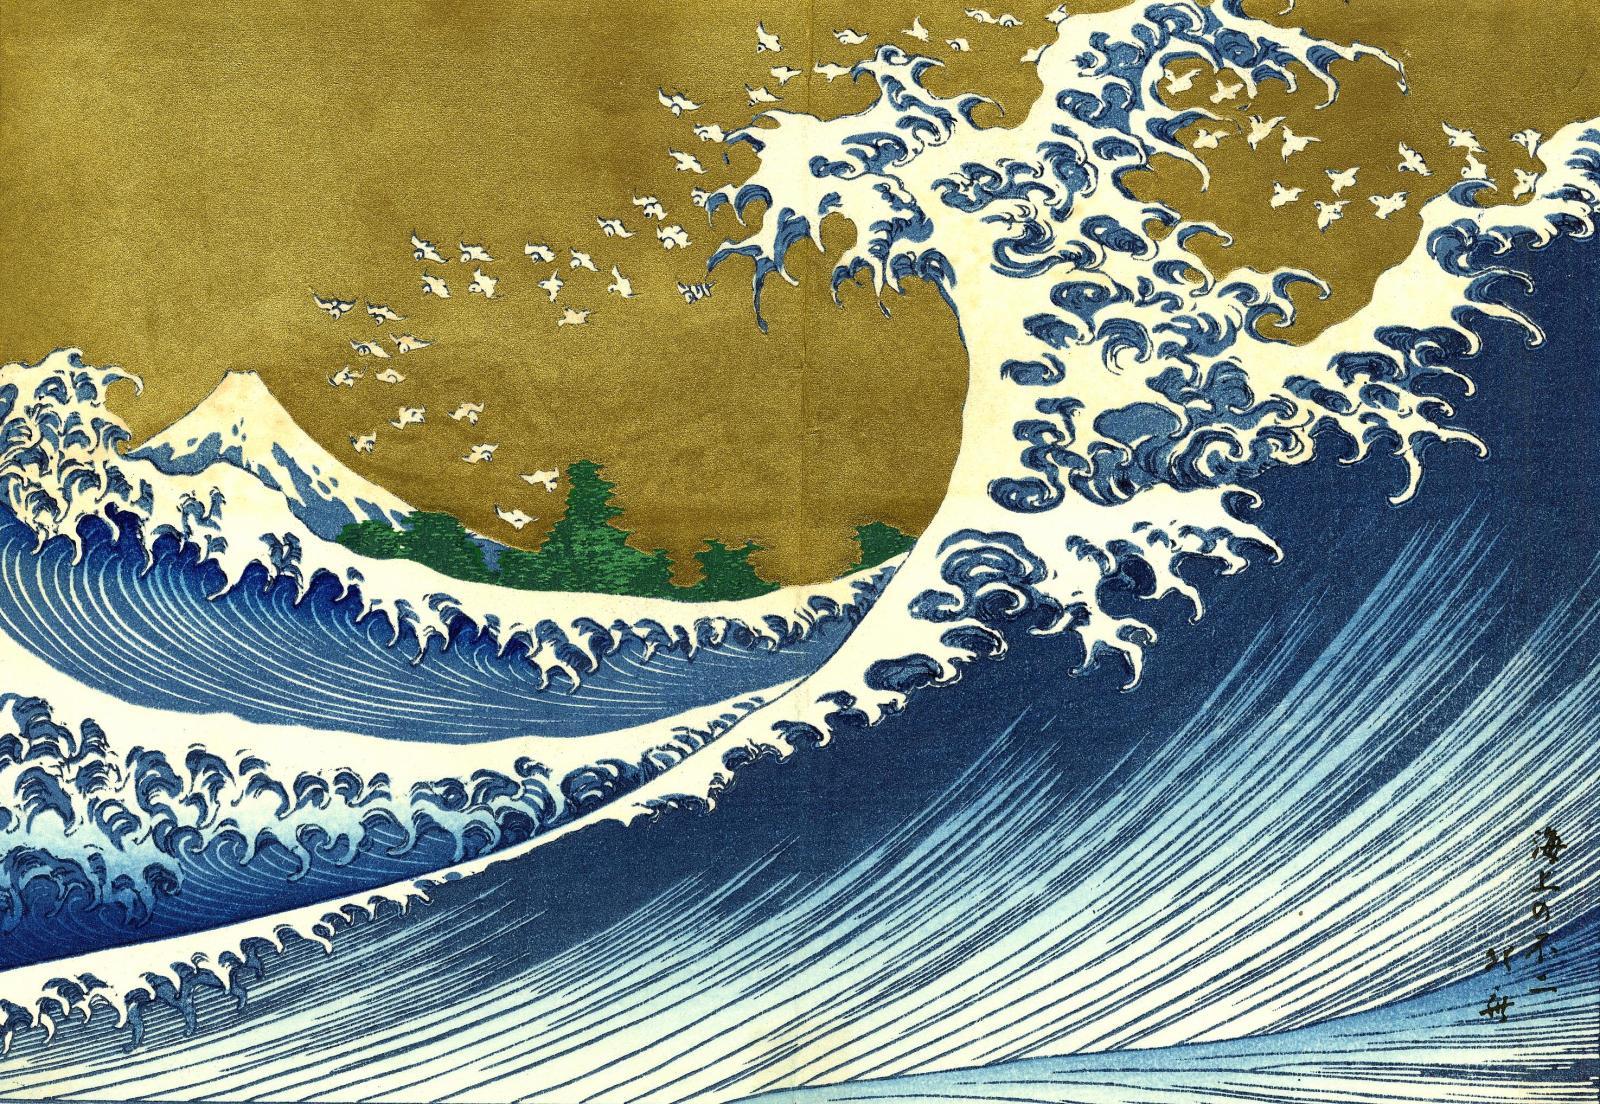 Hokusai Katsushika Wallpaper The Great Wave at Kanagawa Wallpaper 1600x1104